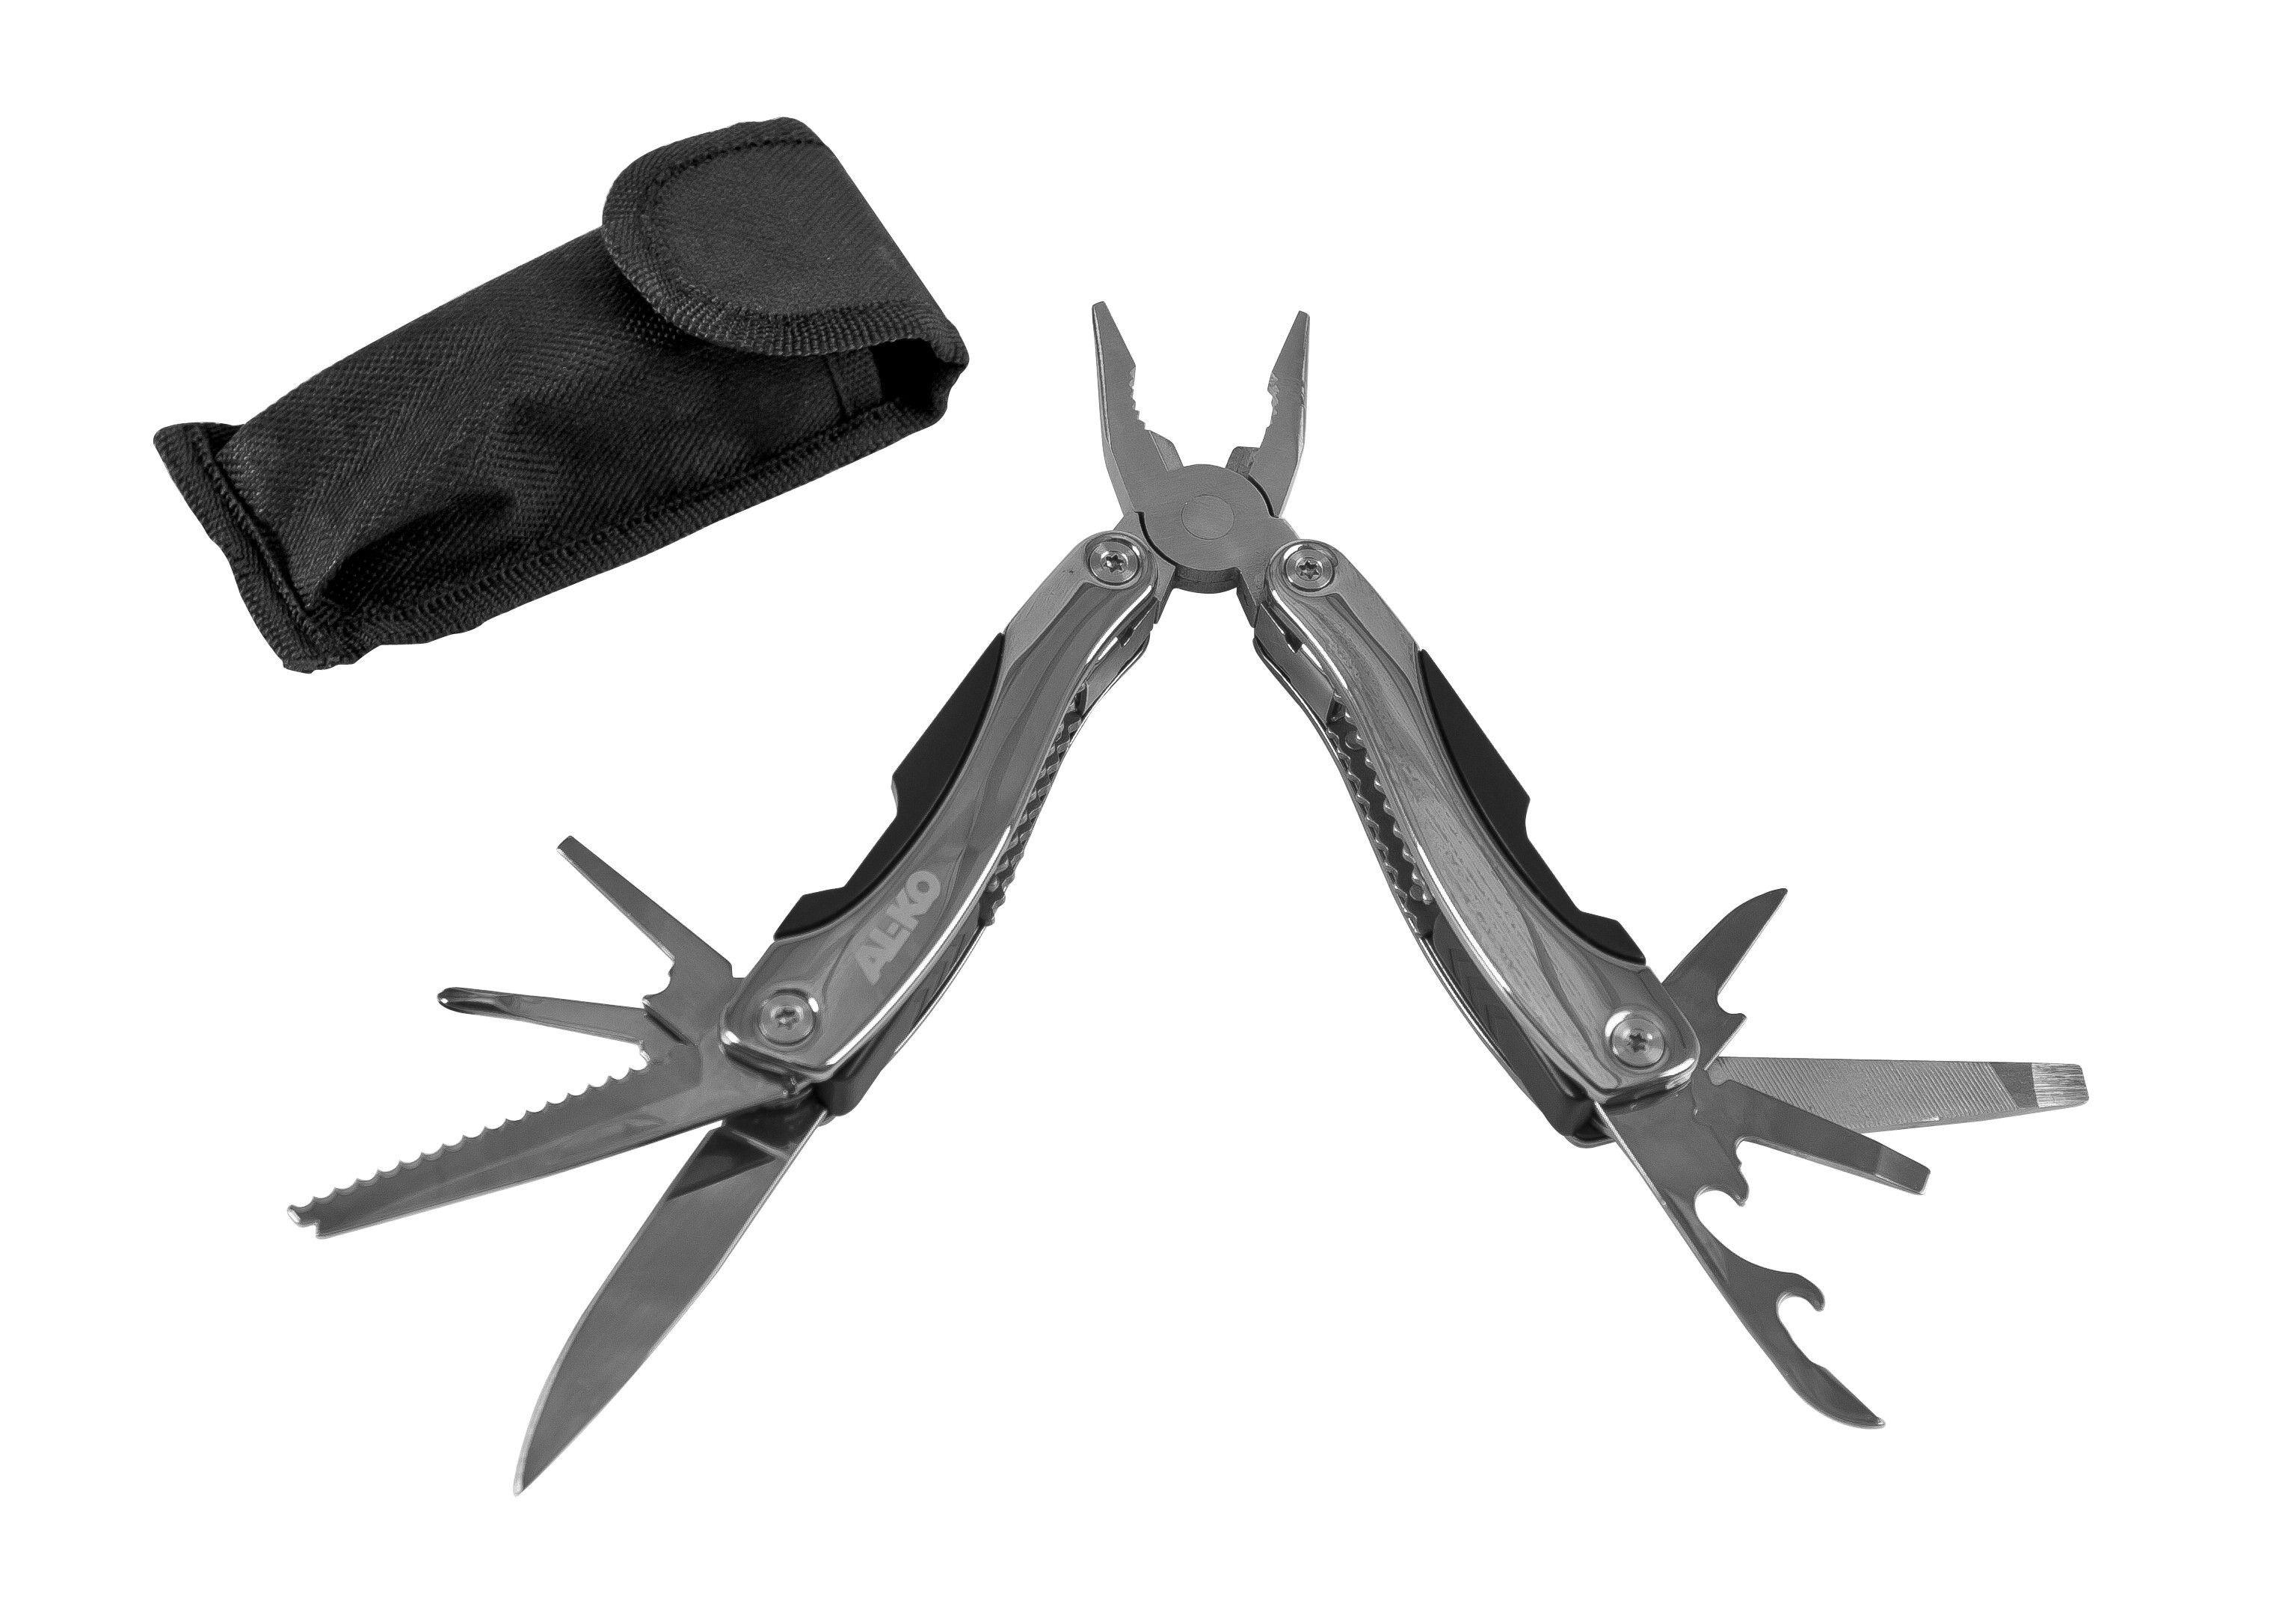 al-ko multi-tool werkzeug - al-ko | multitools | pinterest